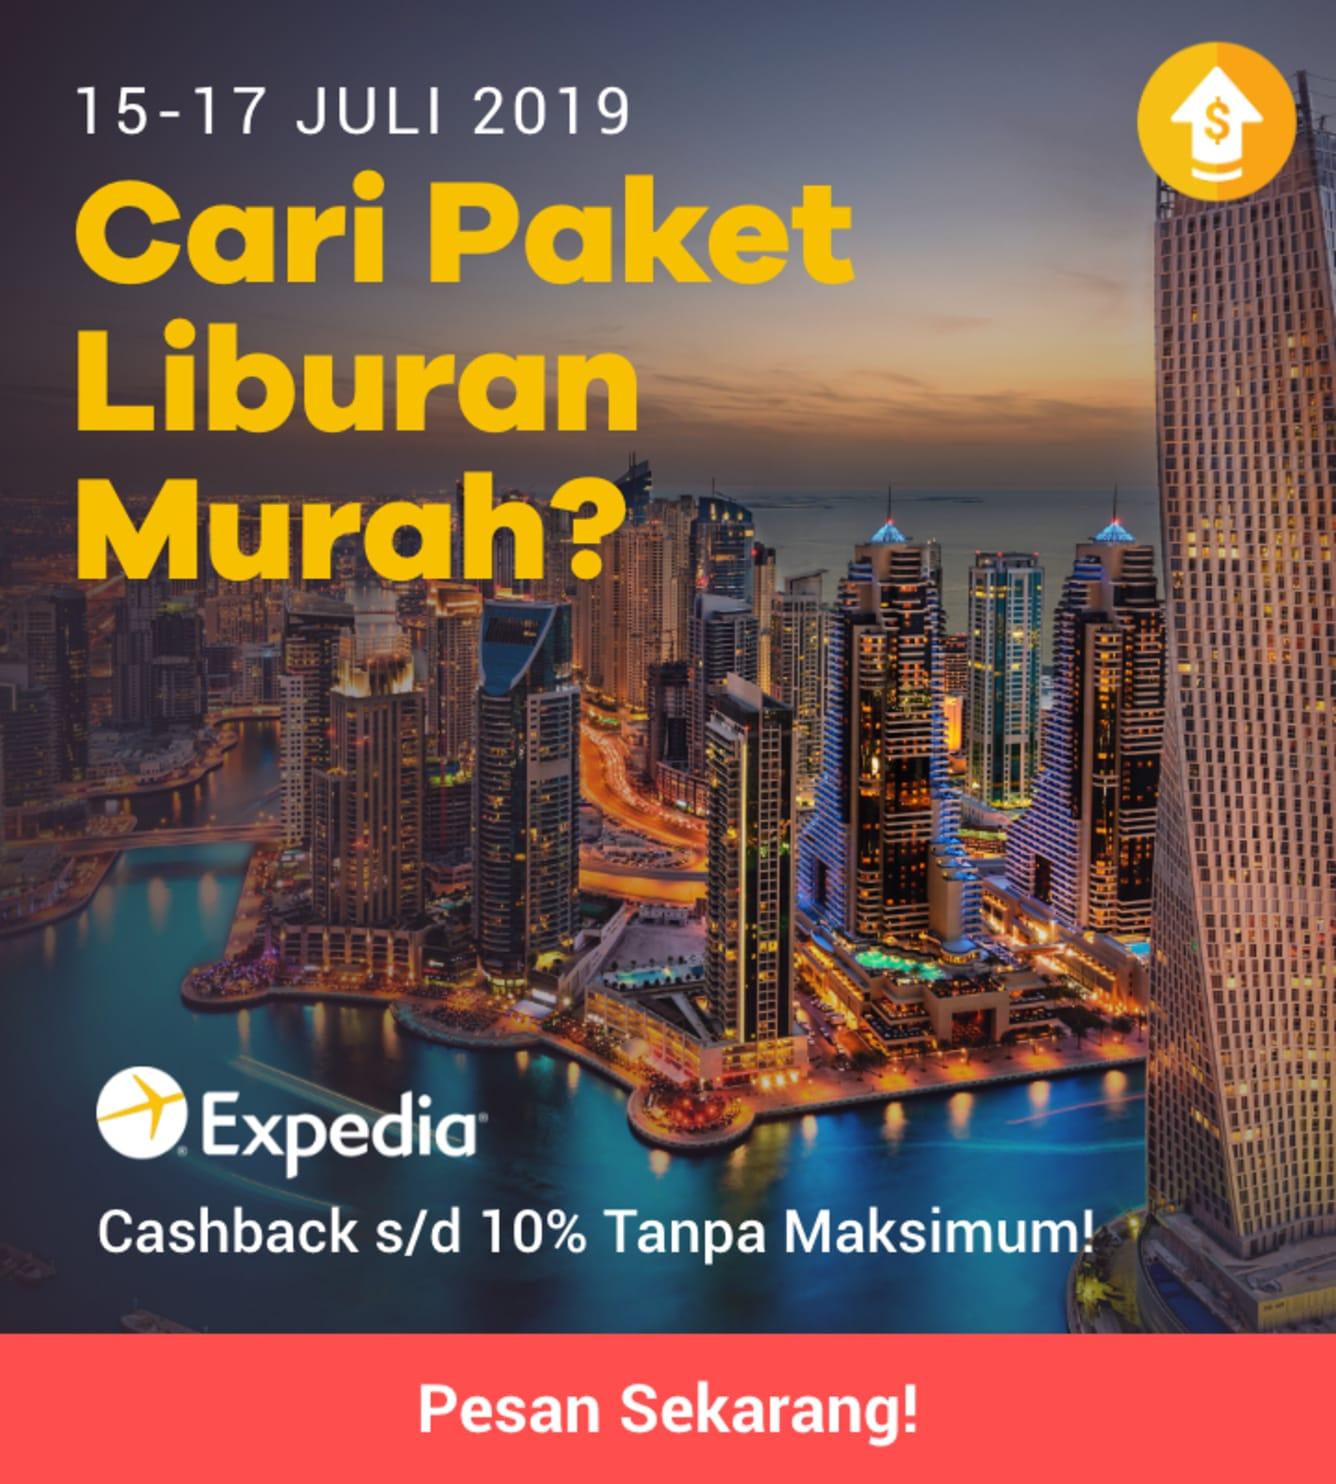 Week 29 - Promo Expedia